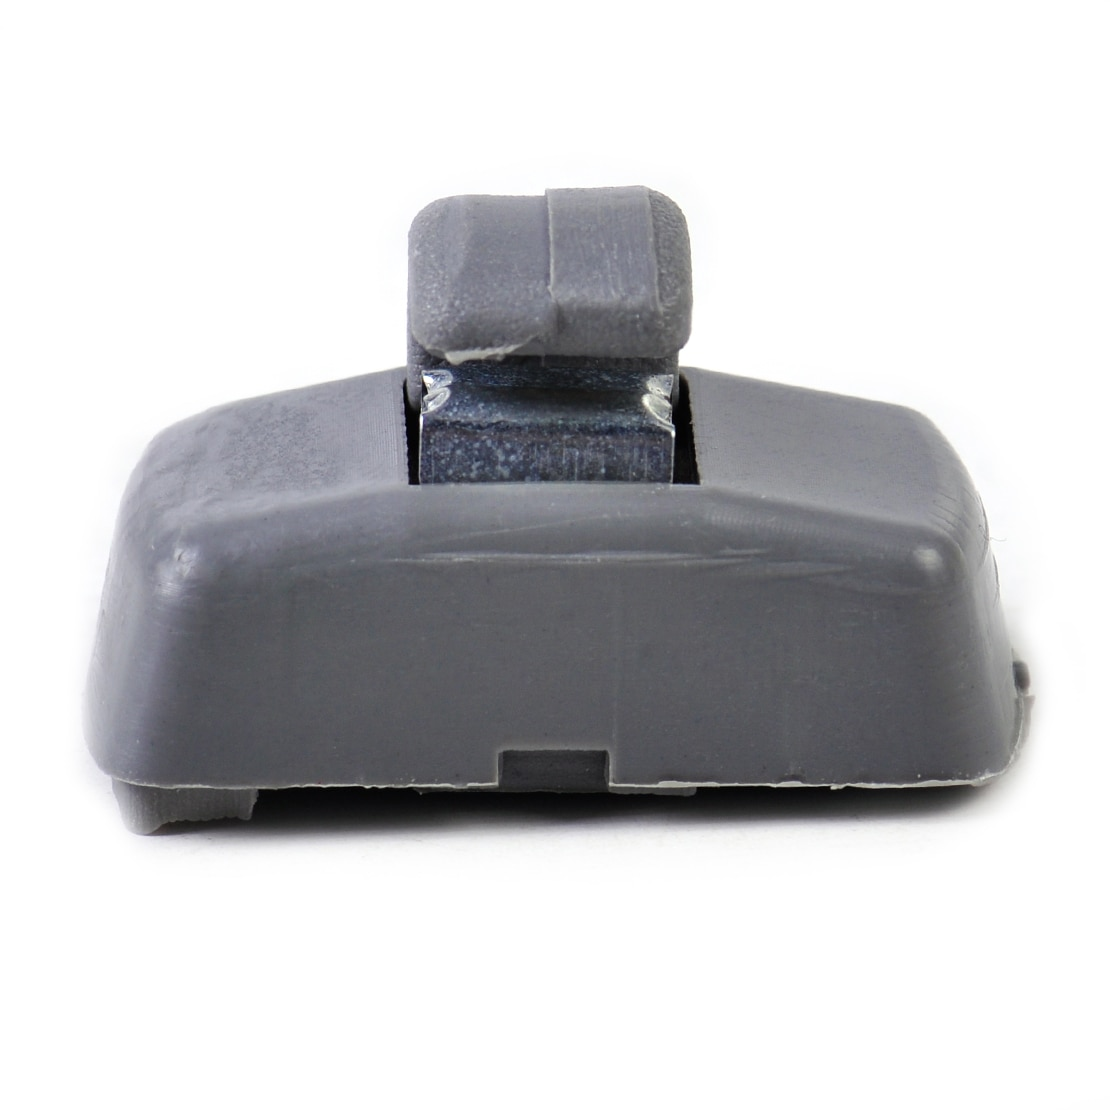 Cigall 3B0857561B 3B0857561BY20 gancho de la visera gris gancho de Clip para VW Golf GTI Jetta Mk4 Passat B5 B6 asiento de Polo Touran